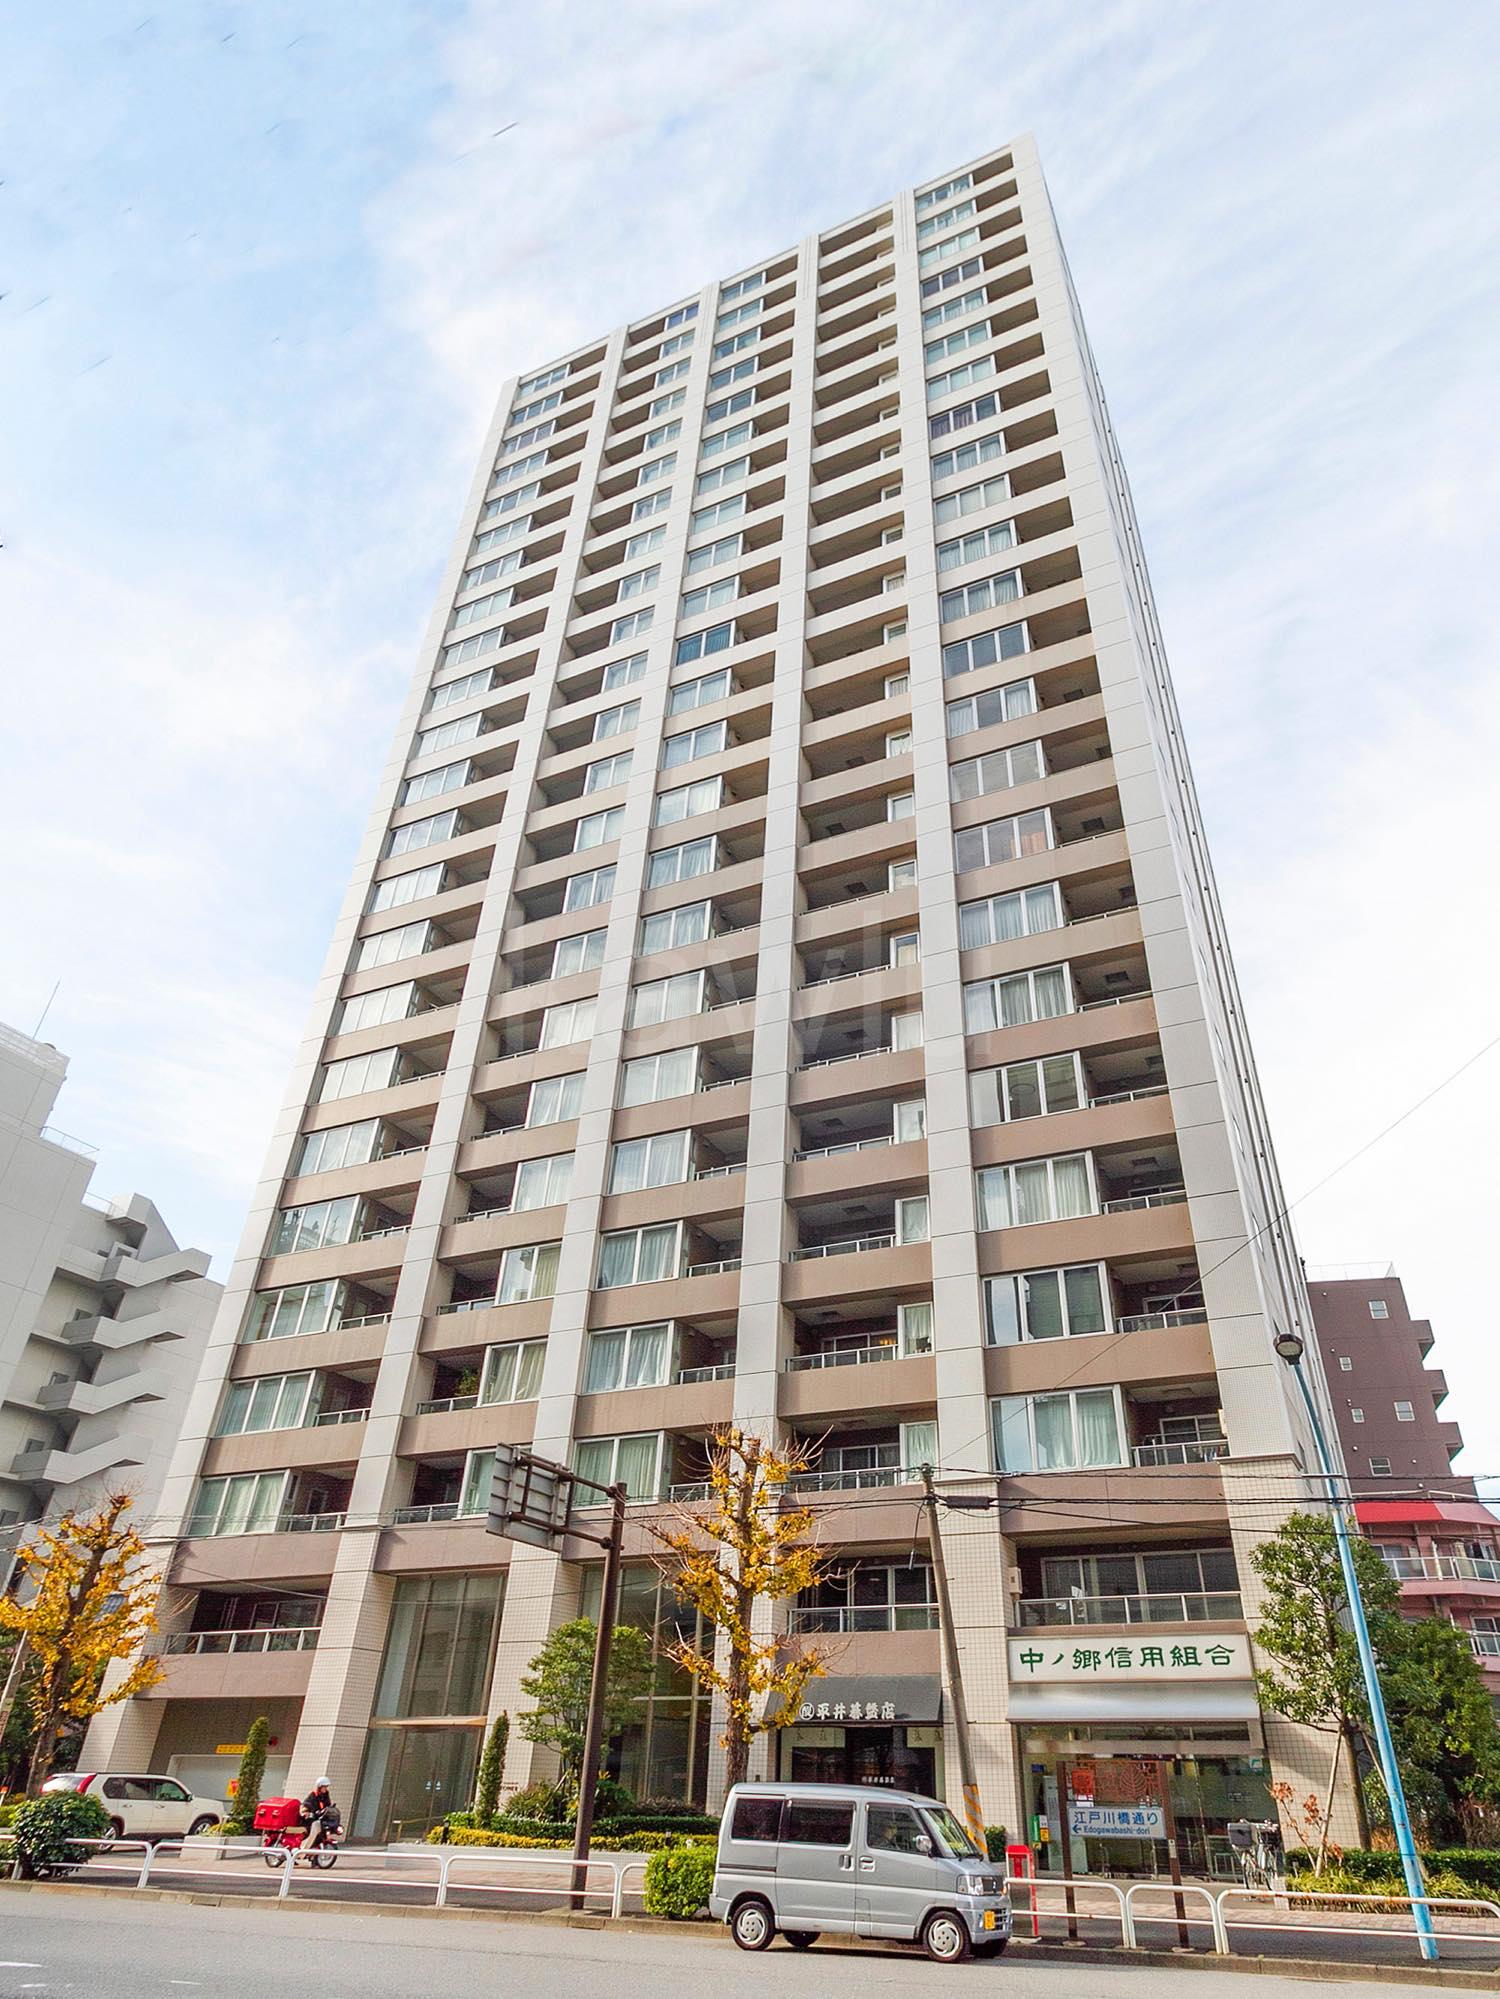 【特集】新宿山吹アインスタワーの魅力に迫りました!